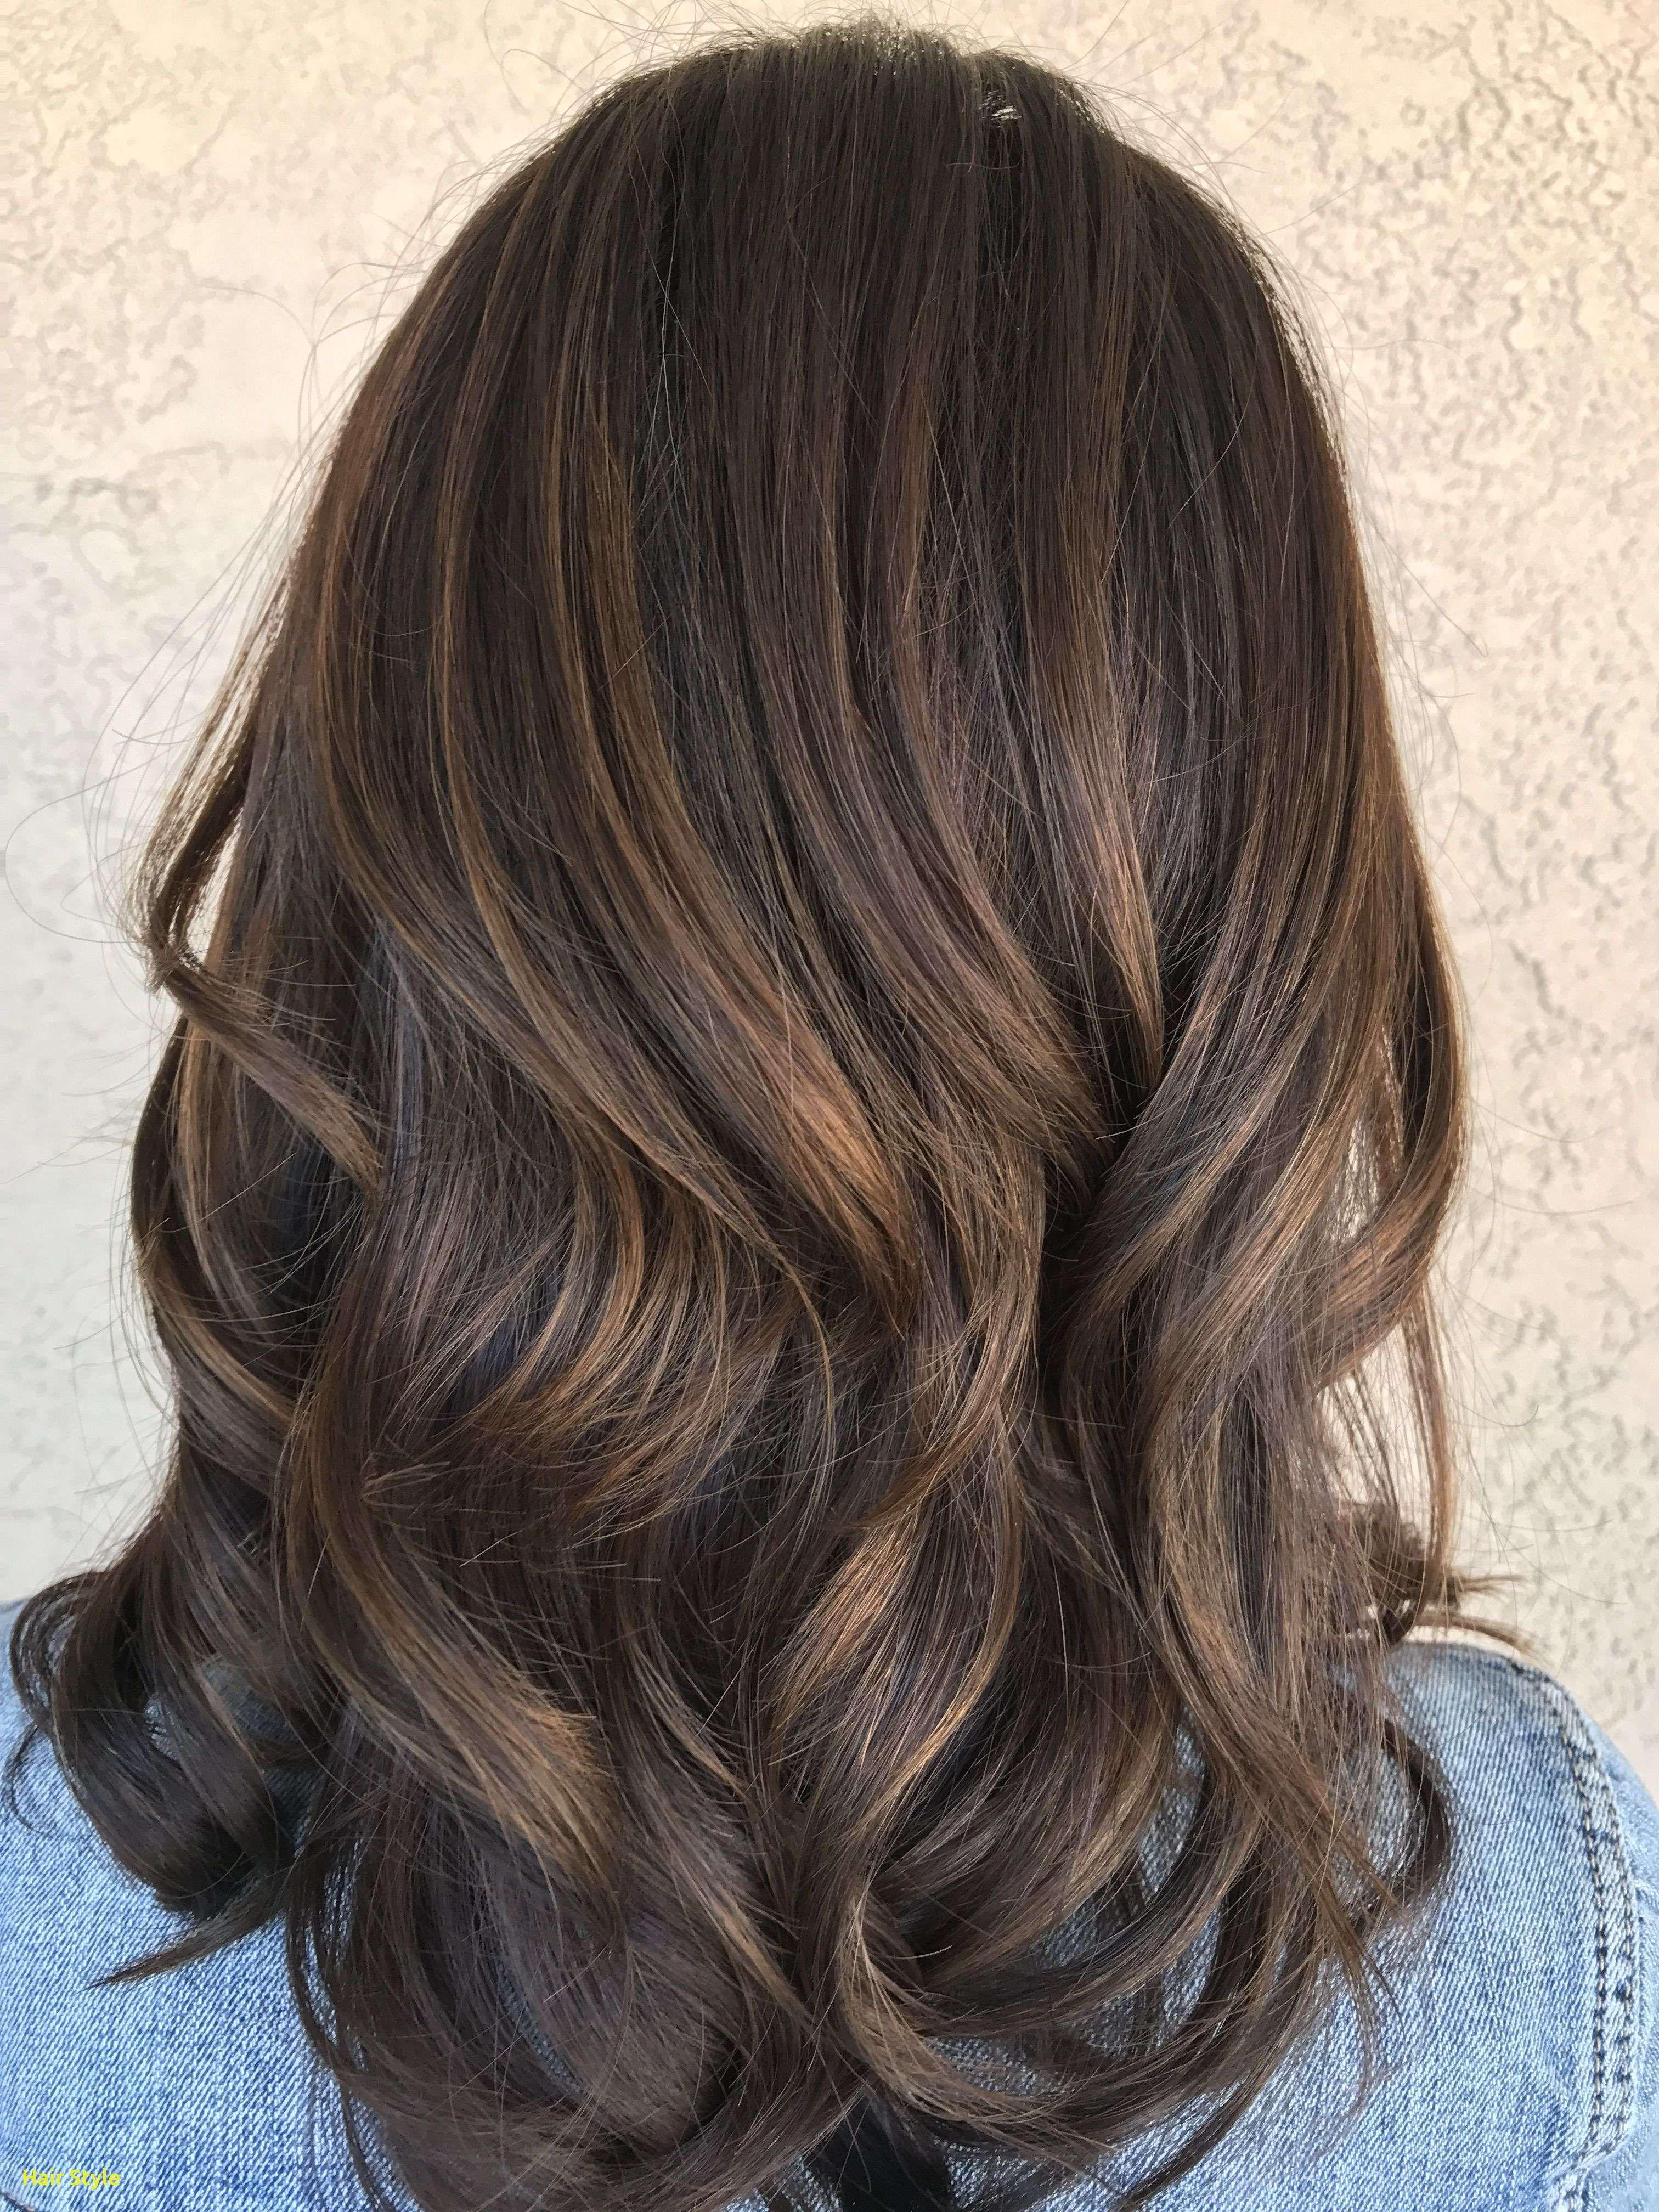 Elegante Braune Haarfarbe Mit Highlights Ideen Haarfarben